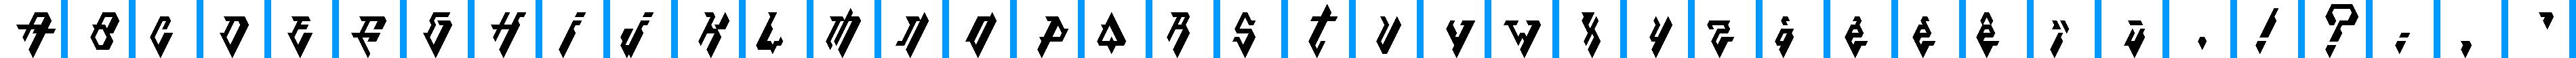 Particip-a-type v.26